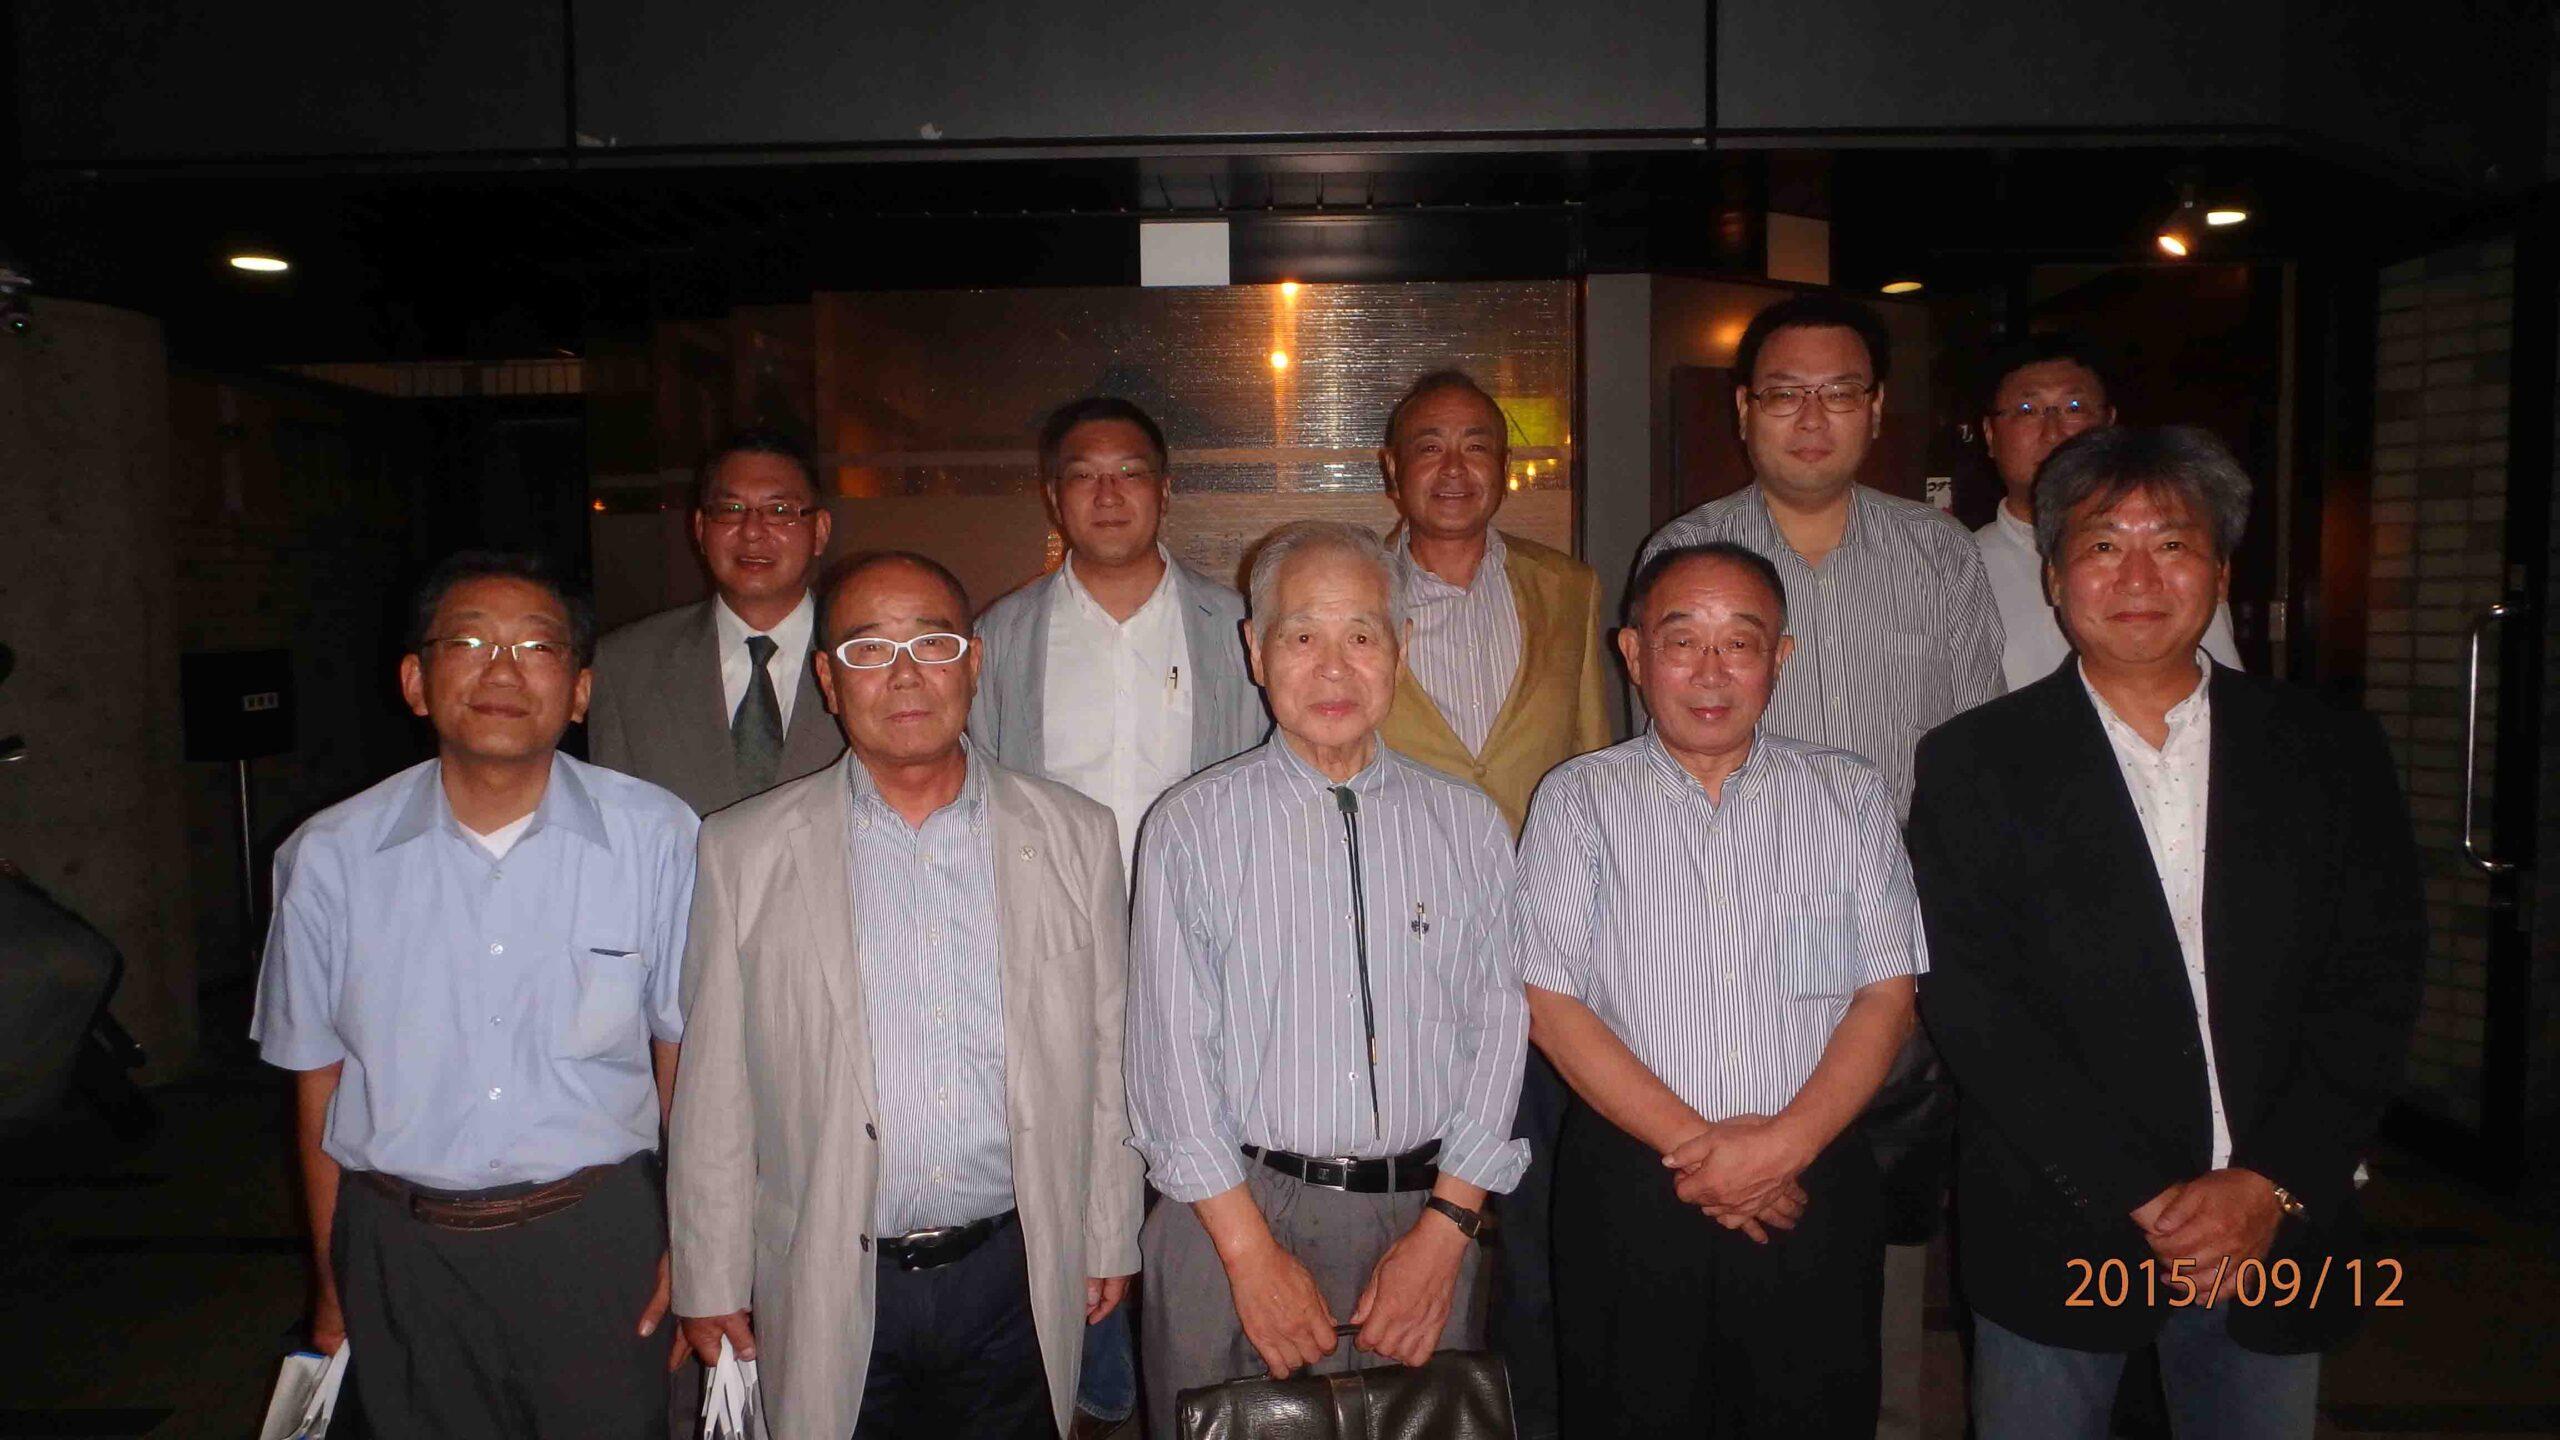 記事 2015年9月12日東日本支部設立総会を開催。のアイキャッチ画像